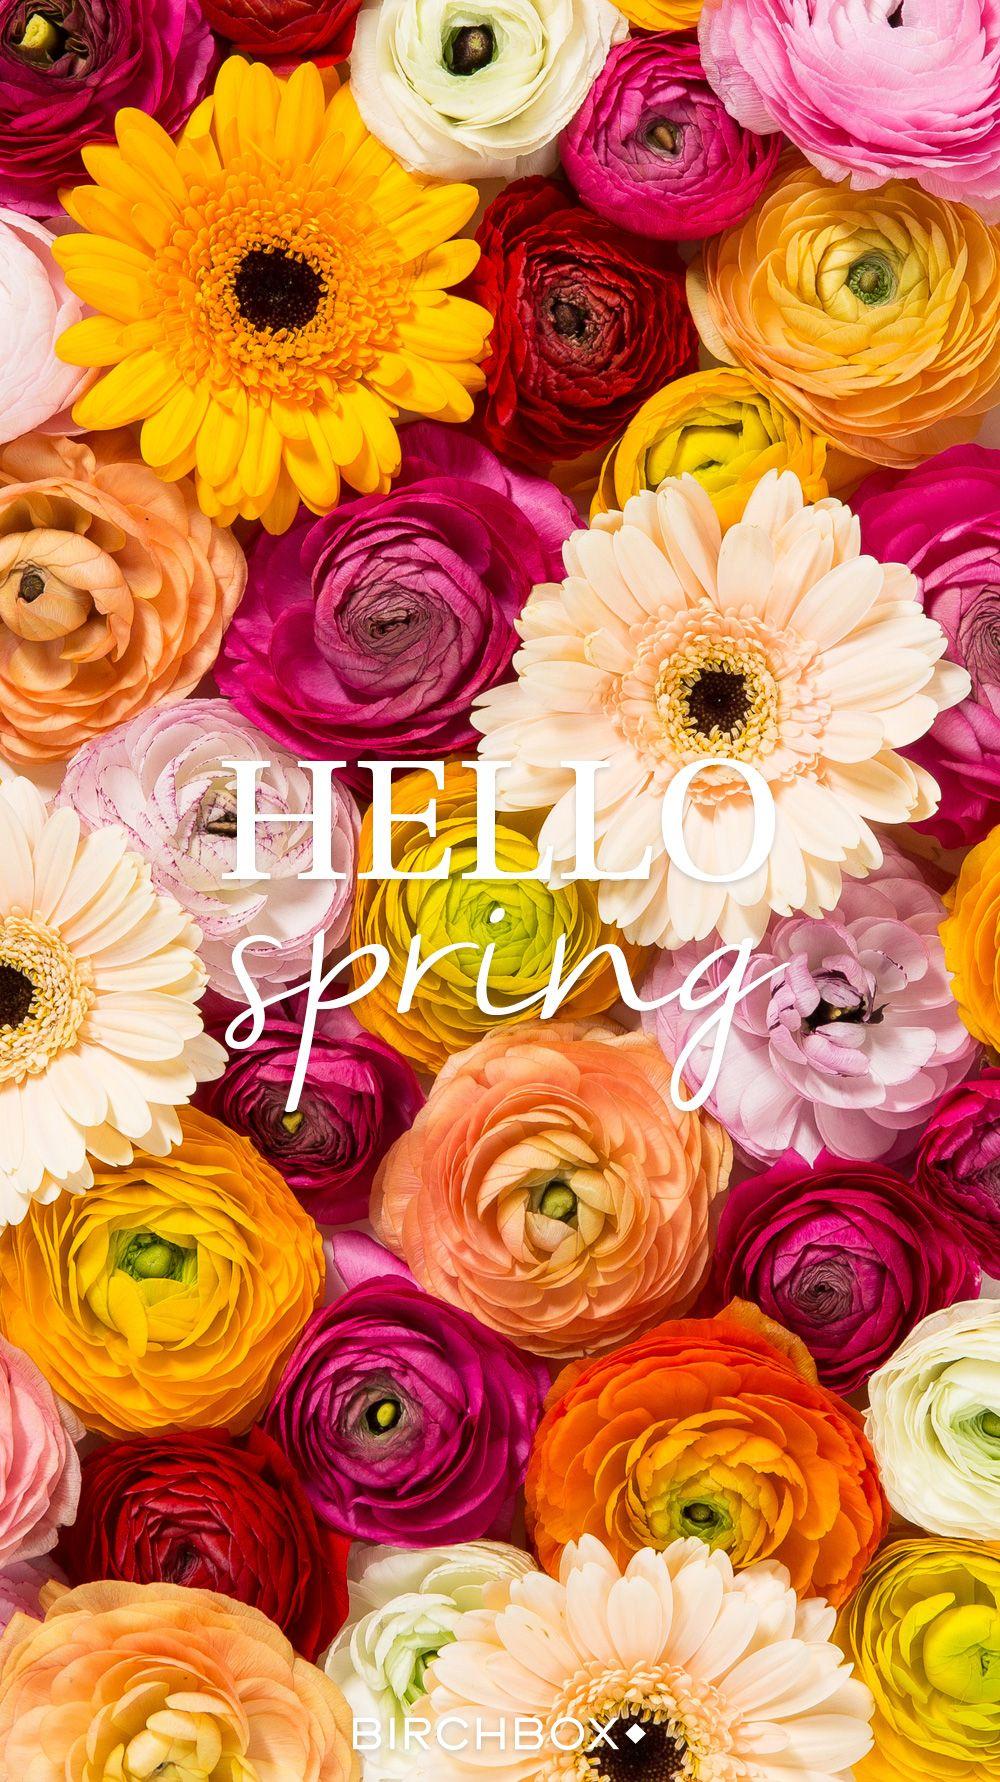 Hello Spring - Vos fonds d'écran du printemps - Encyclobeauté Birchbox